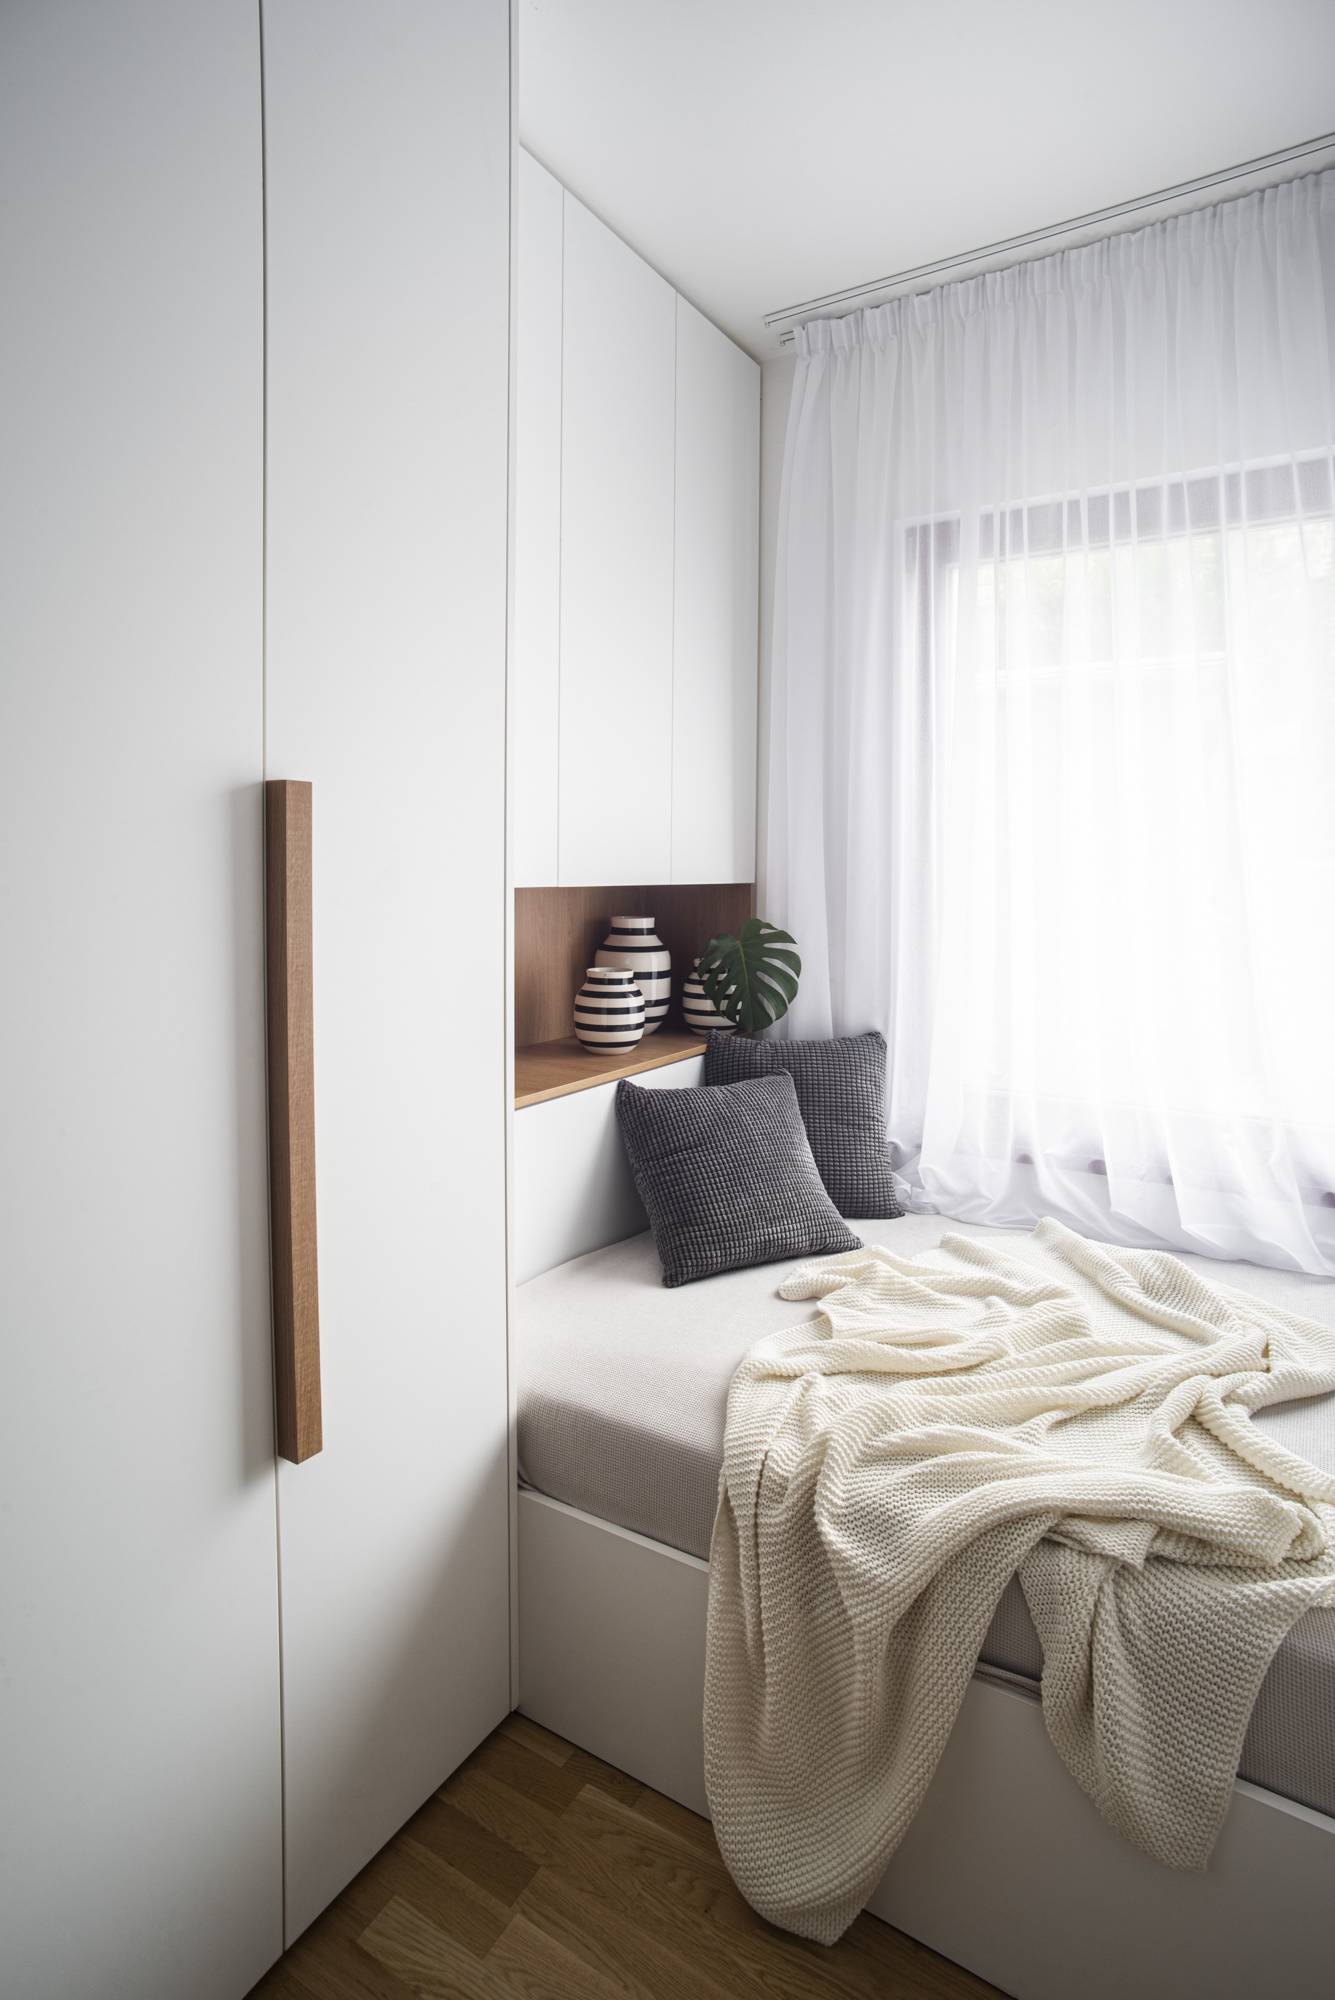 Interiér hostovského pokoje - moderní interiér